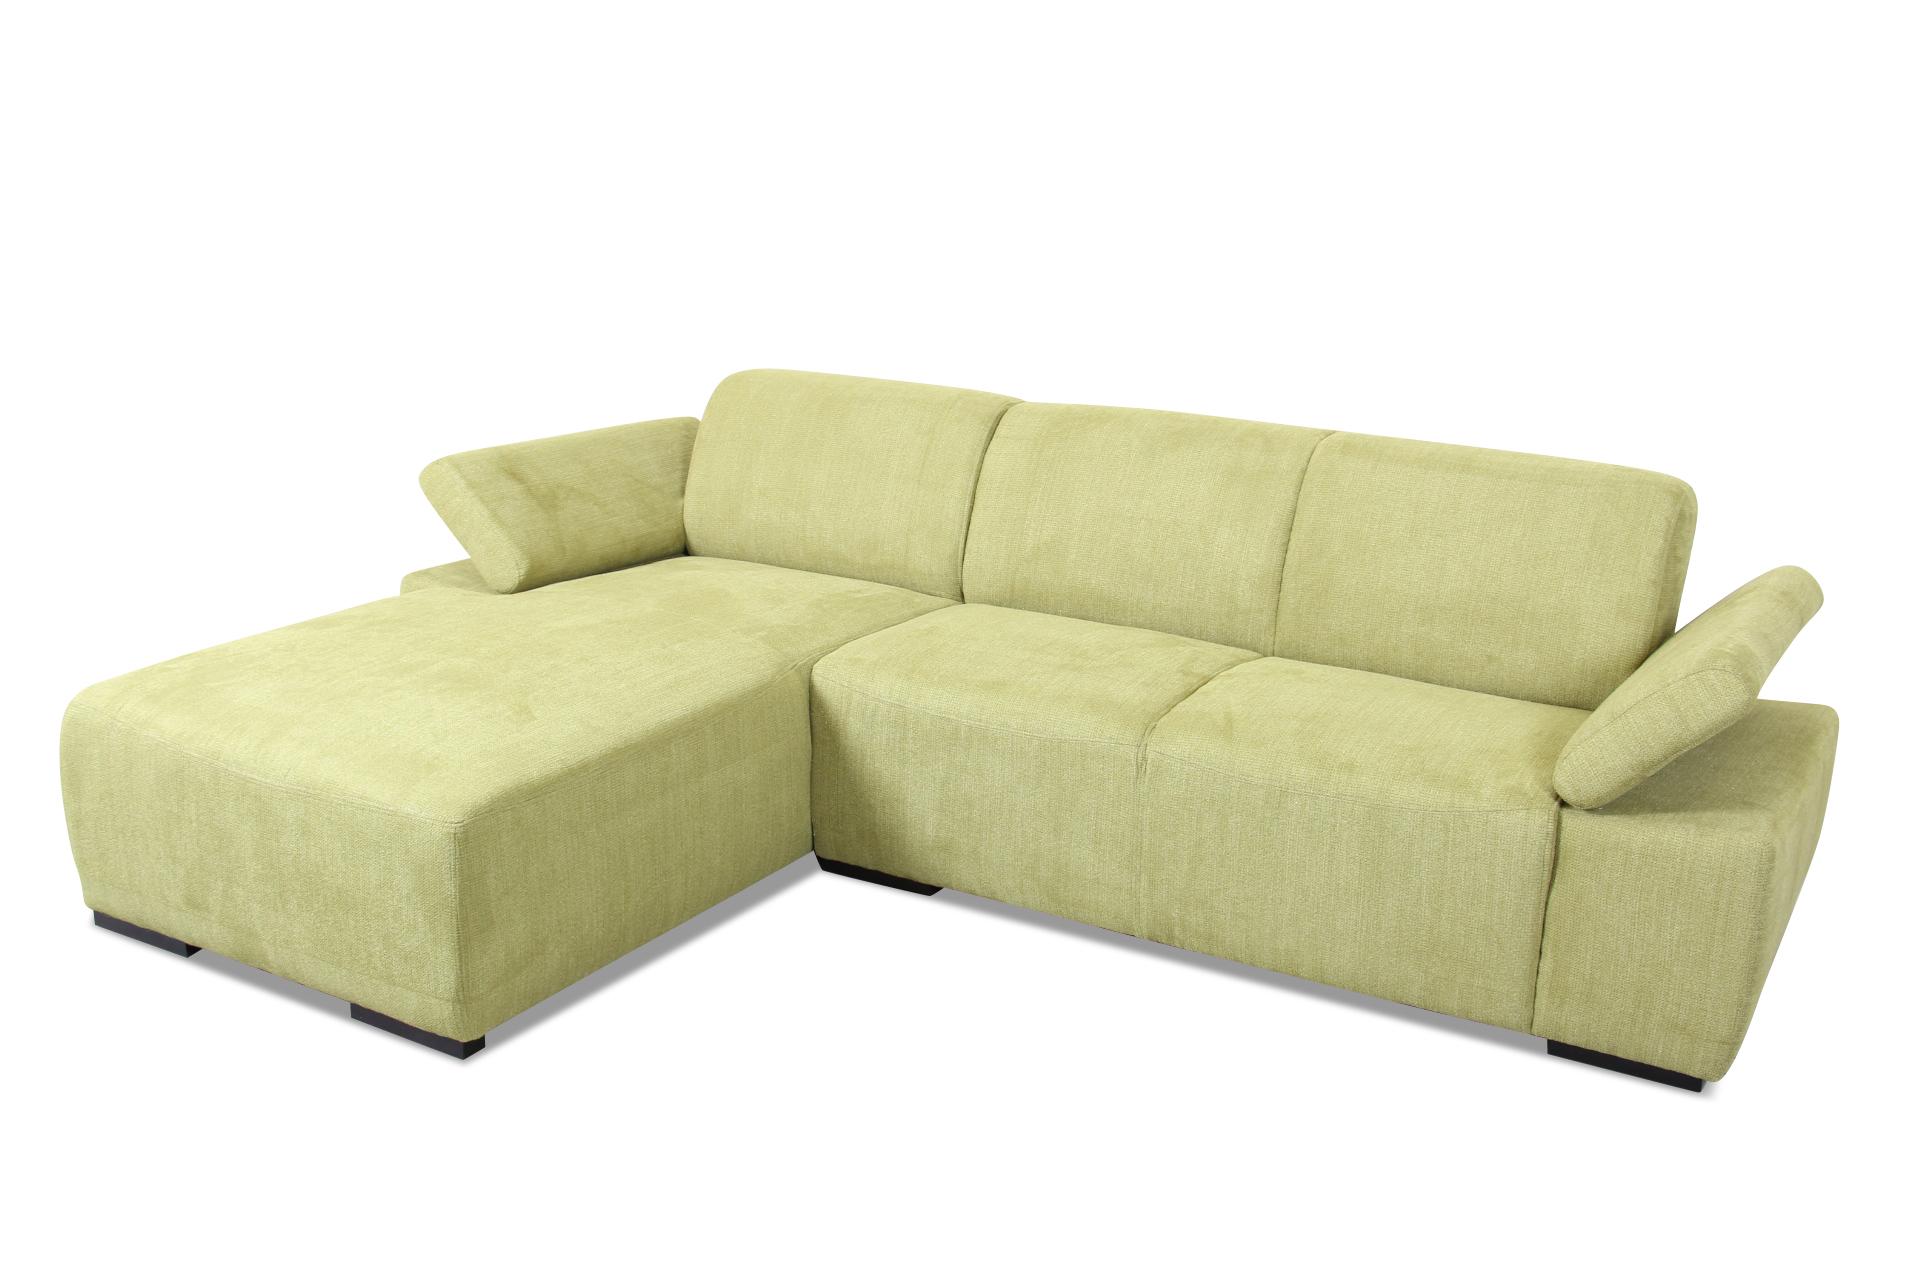 ecksofa dolli gruen mit federkern sofas zum halben preis. Black Bedroom Furniture Sets. Home Design Ideas